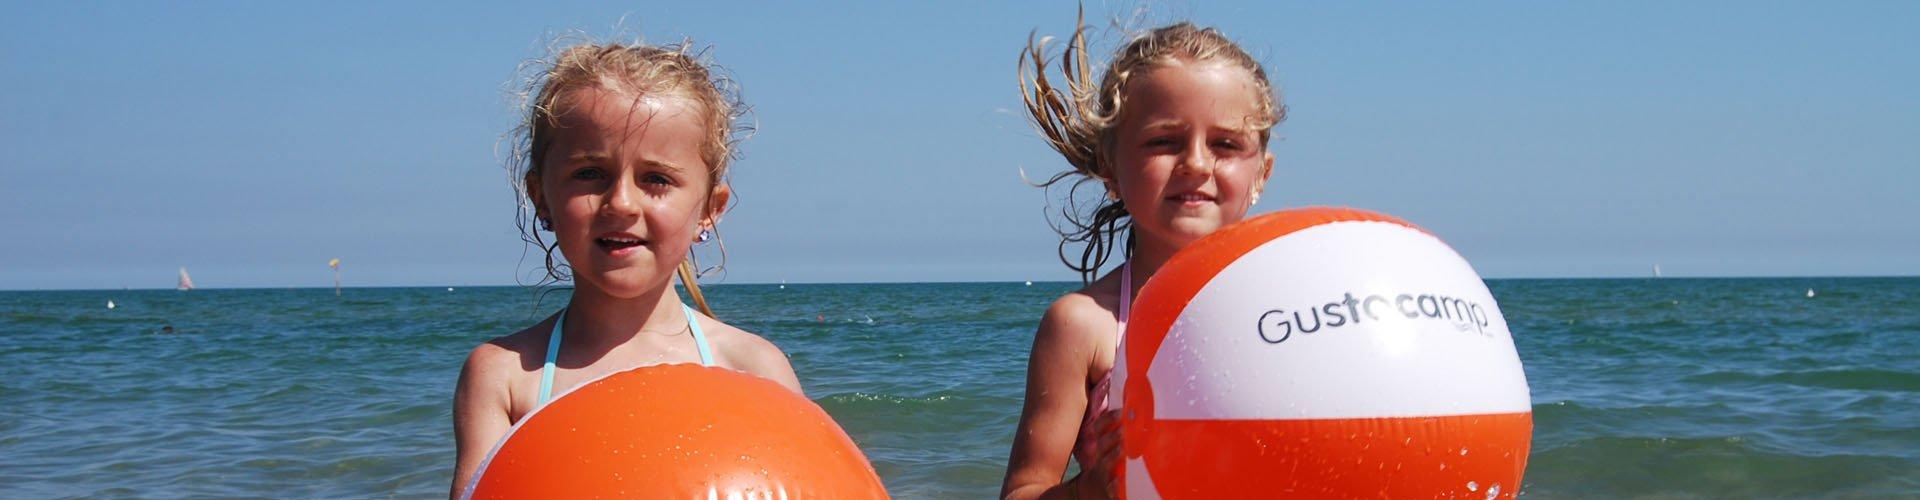 Italie - Adriatische kust - meivakantie - meiden met strandbal bij Camping Marina di Venezia